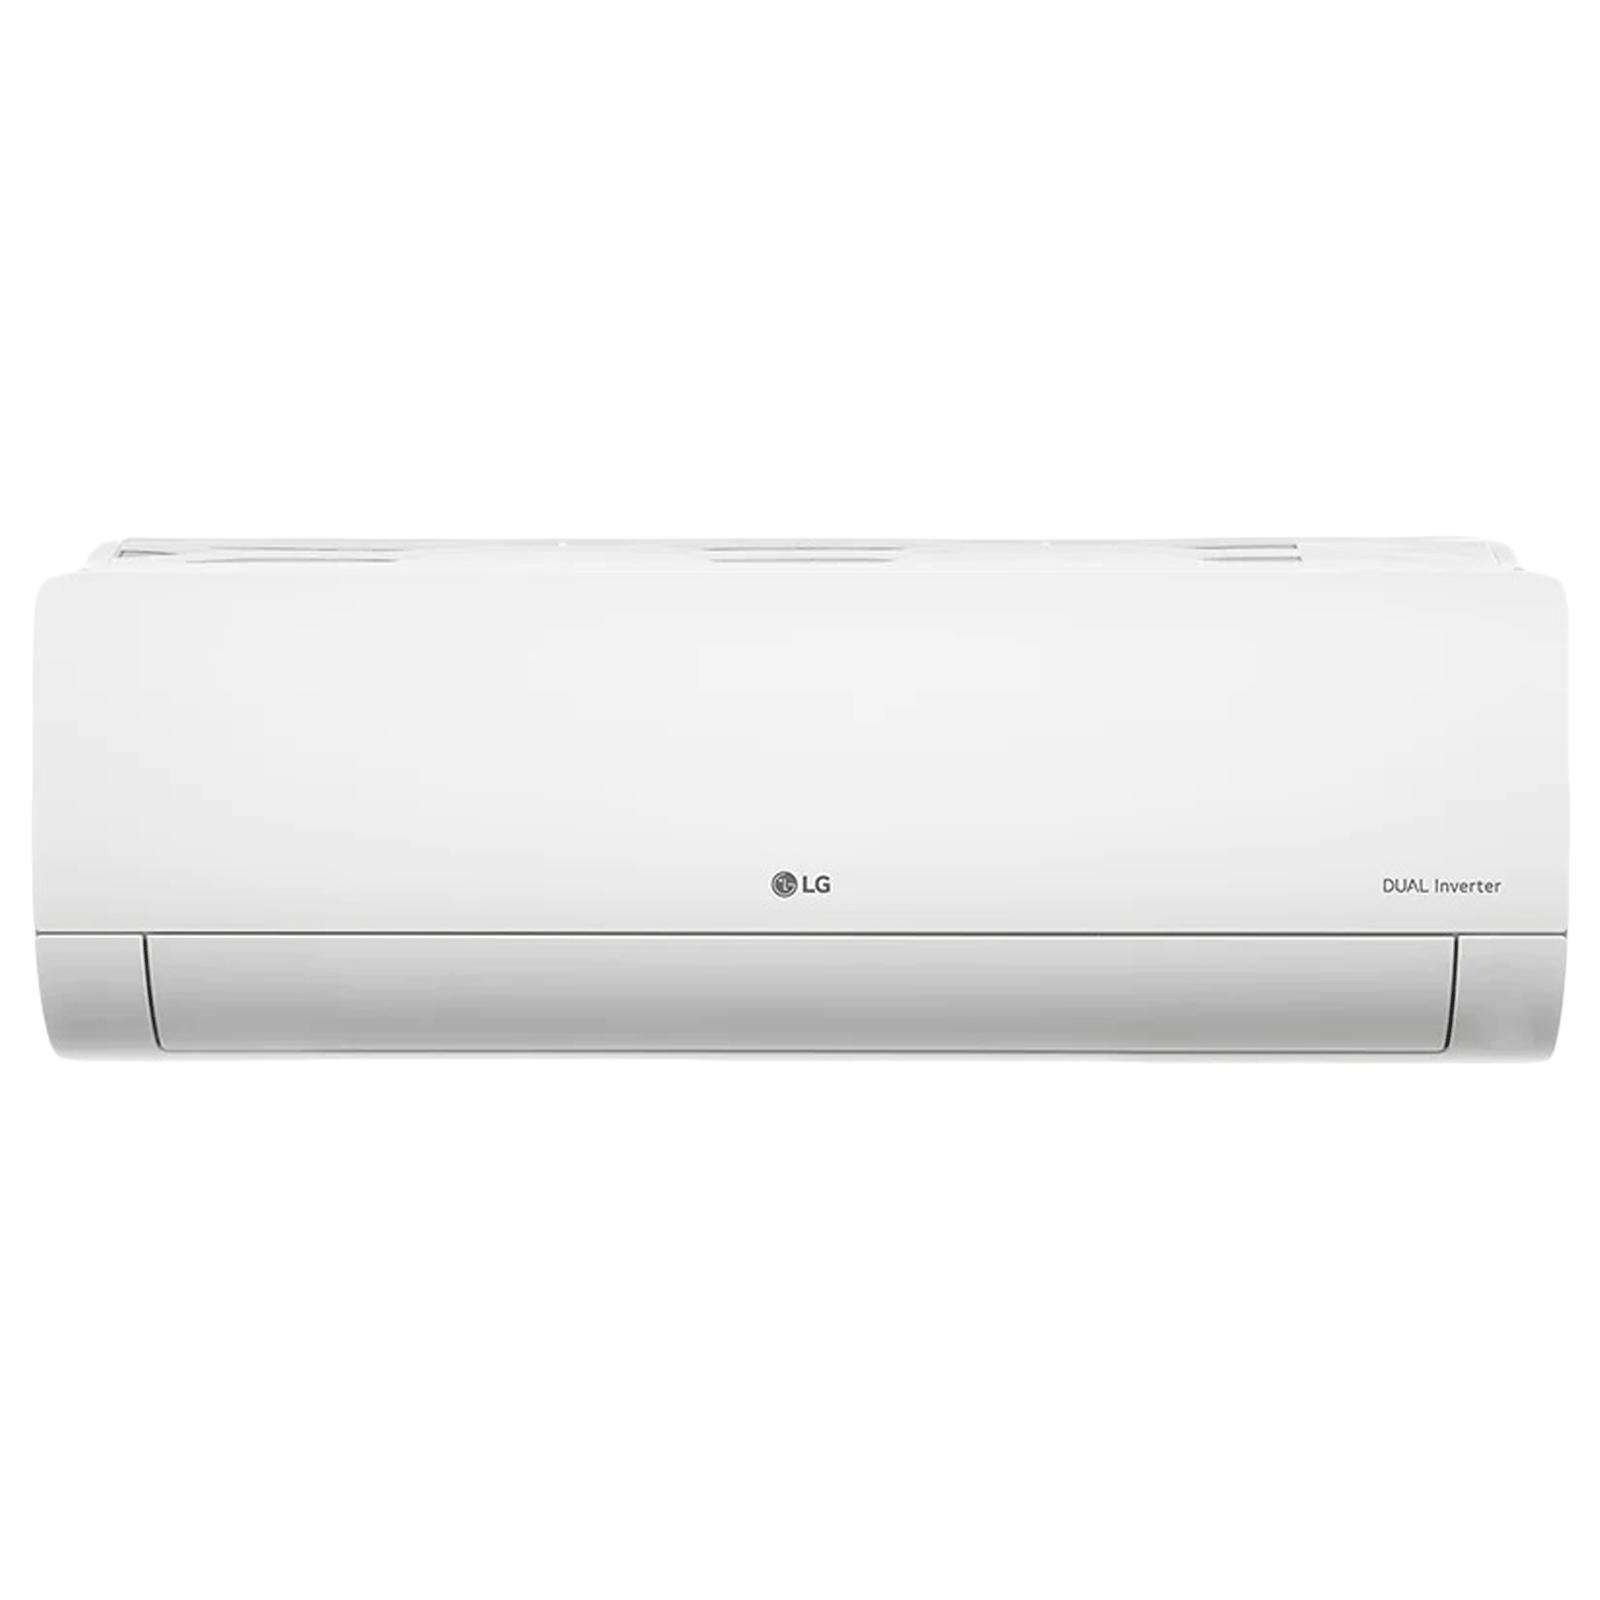 LG 1.5 Ton 3 Star Inverter Split AC (Copper Condenser, MSQ-18PNXA, White)_1